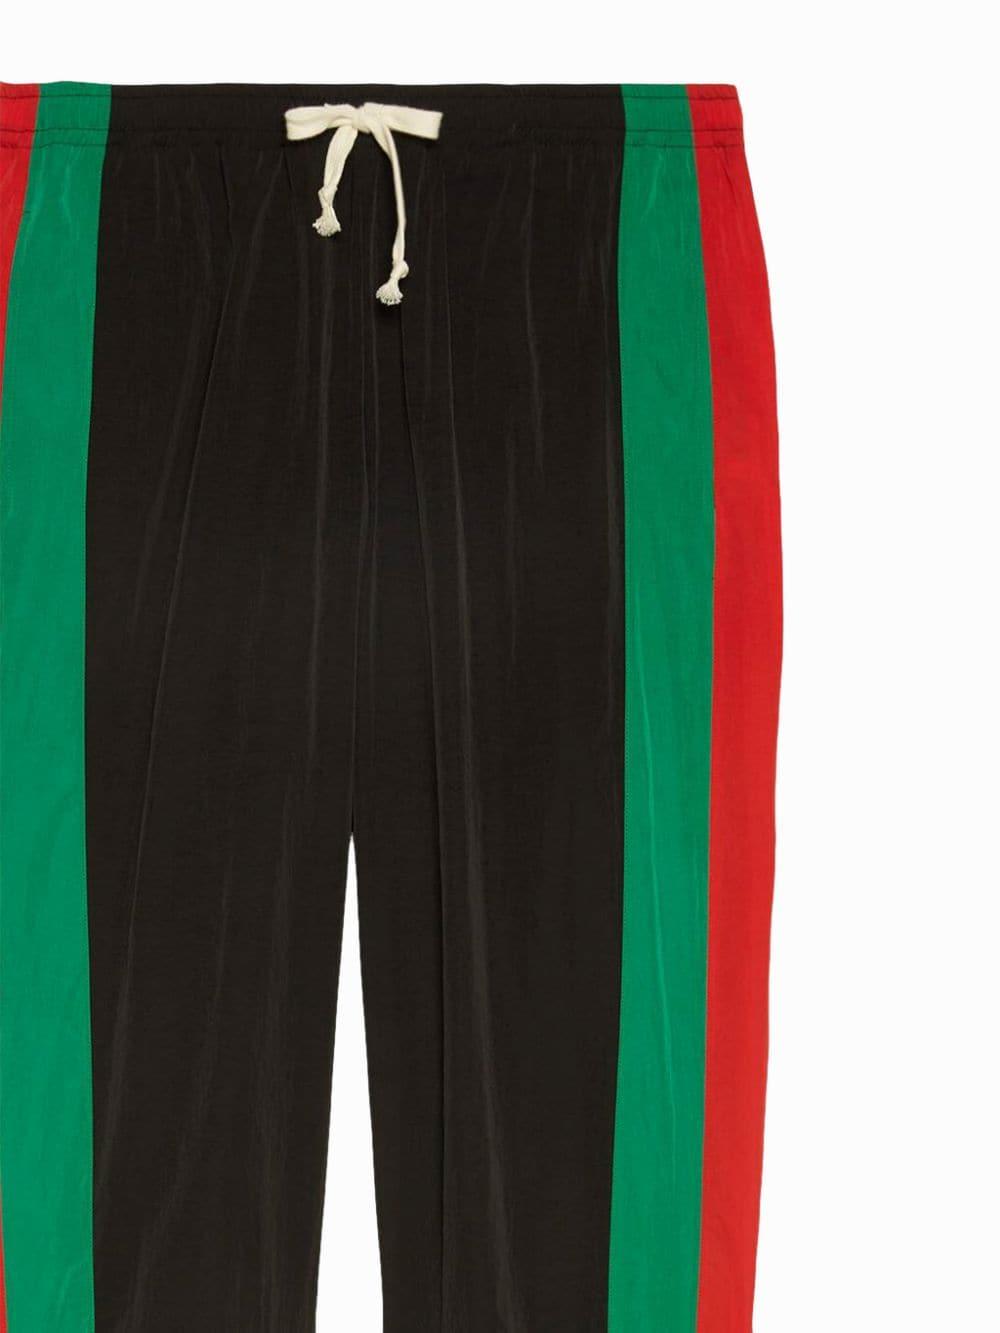 Pantaloni da jogging unisex in nylon leggero nero, verde e rosso con silhouette ampia GUCCI | Pantaloni | 575549-XJBAK1060